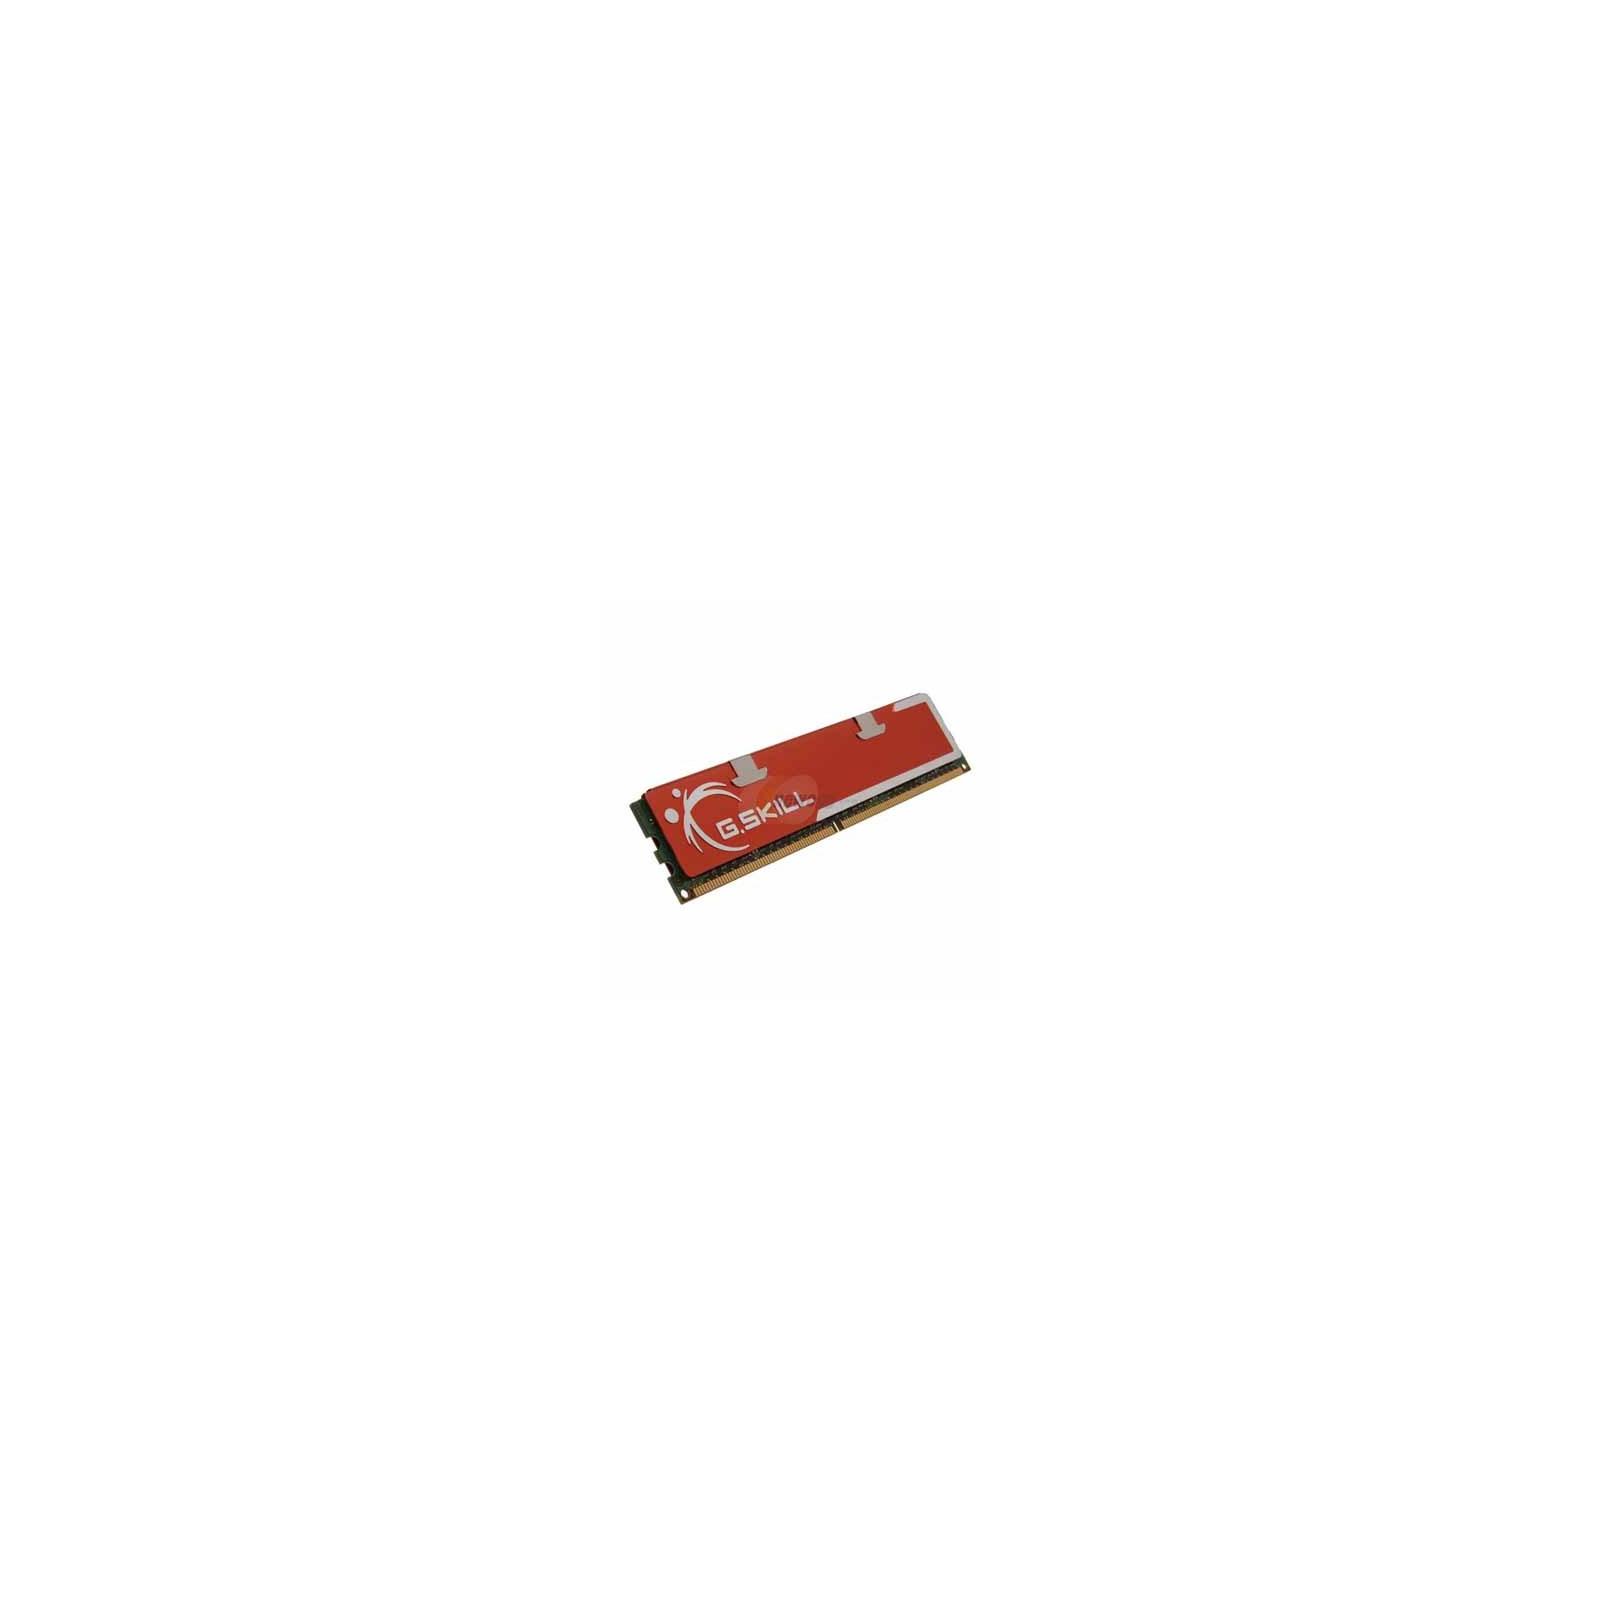 Модуль памяти для компьютера DDR2 4GB (2х2GB) 800 MHz G.Skill (F2-6400CL5D-4GBPQ)